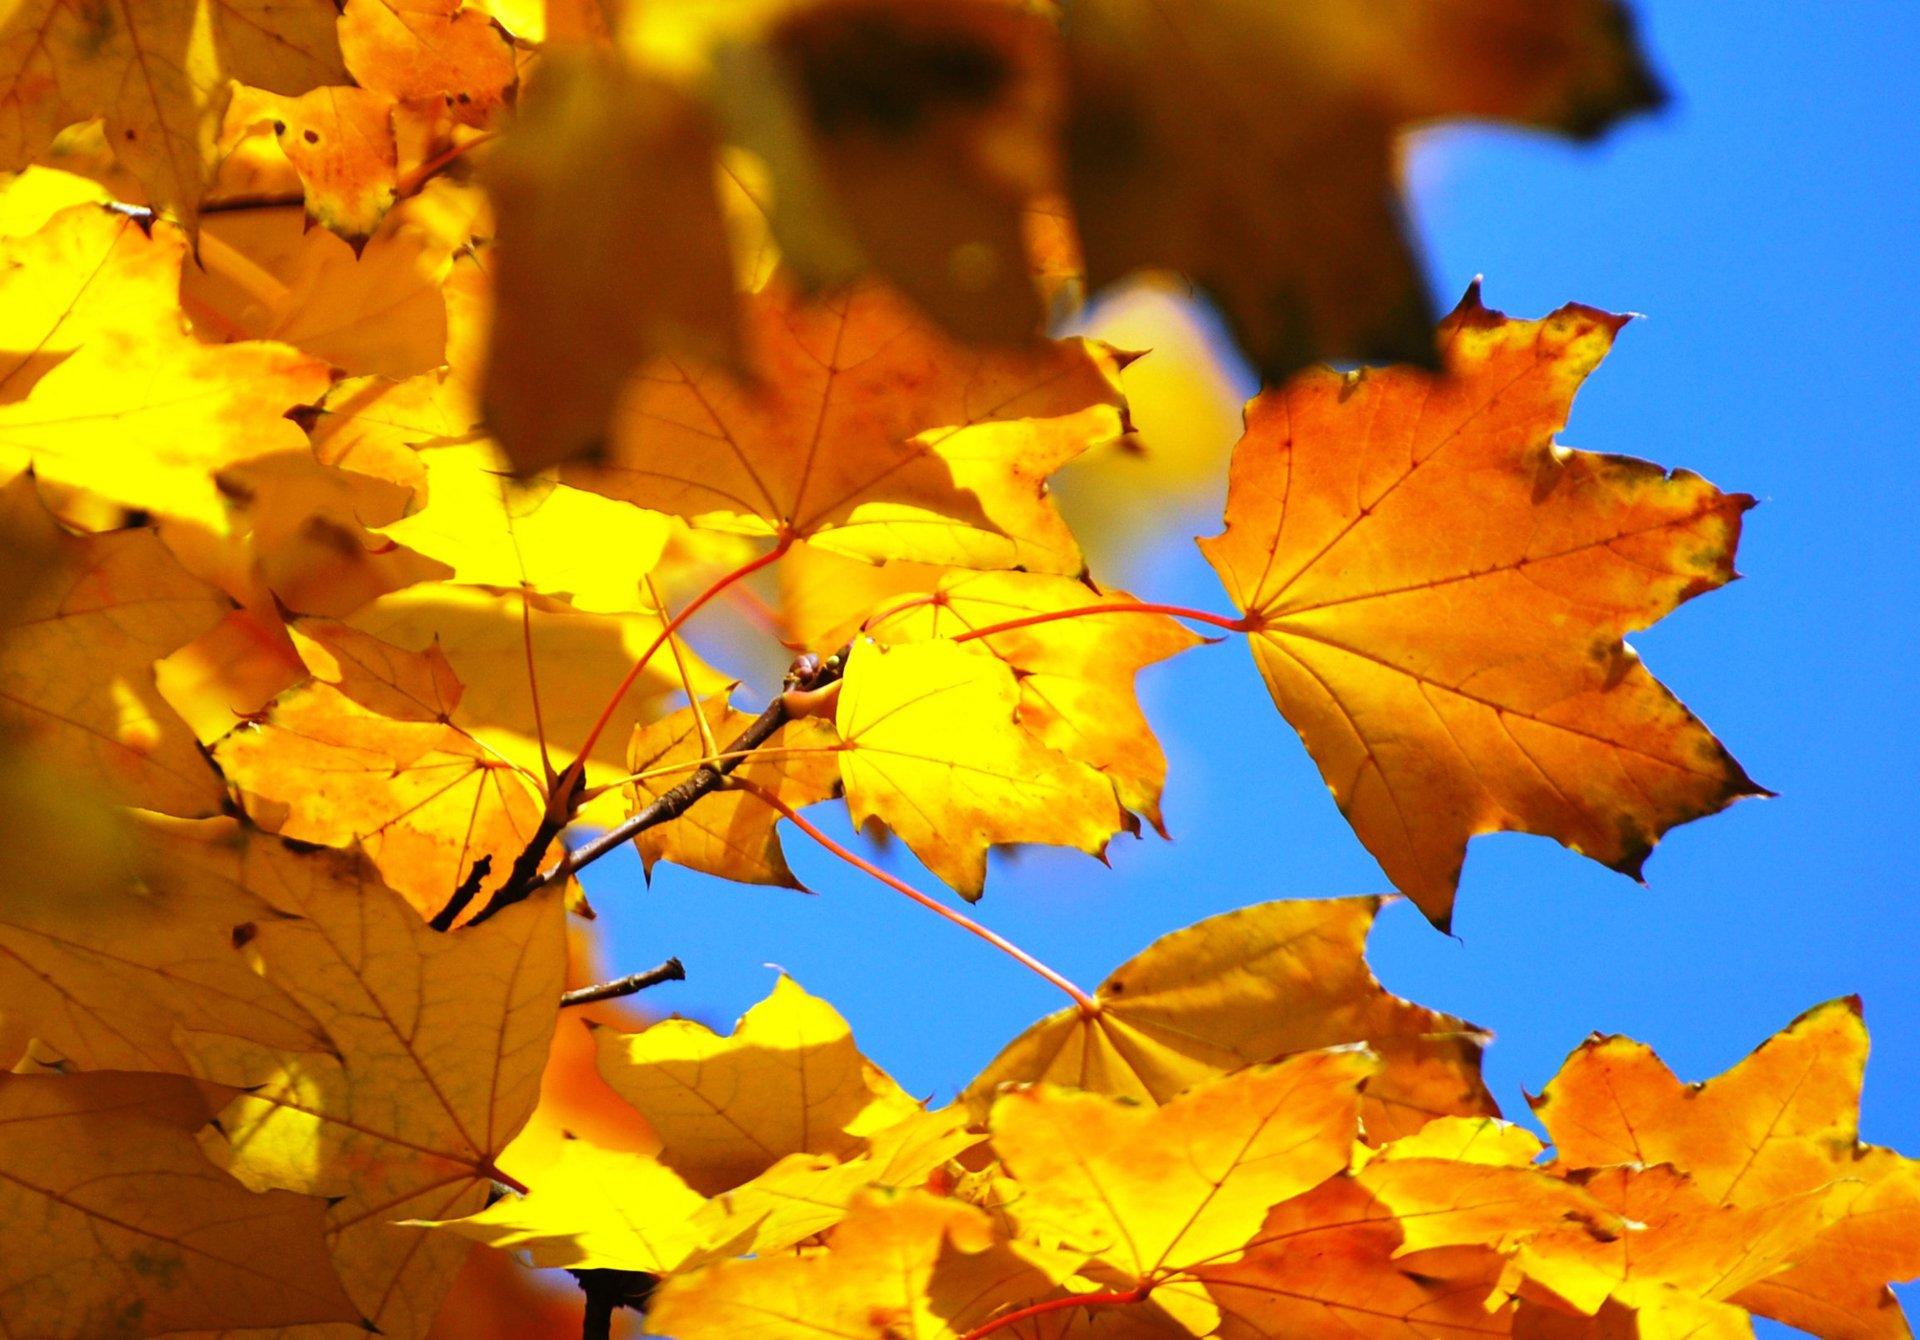 осень картинки кленовые листья картинки приворотный